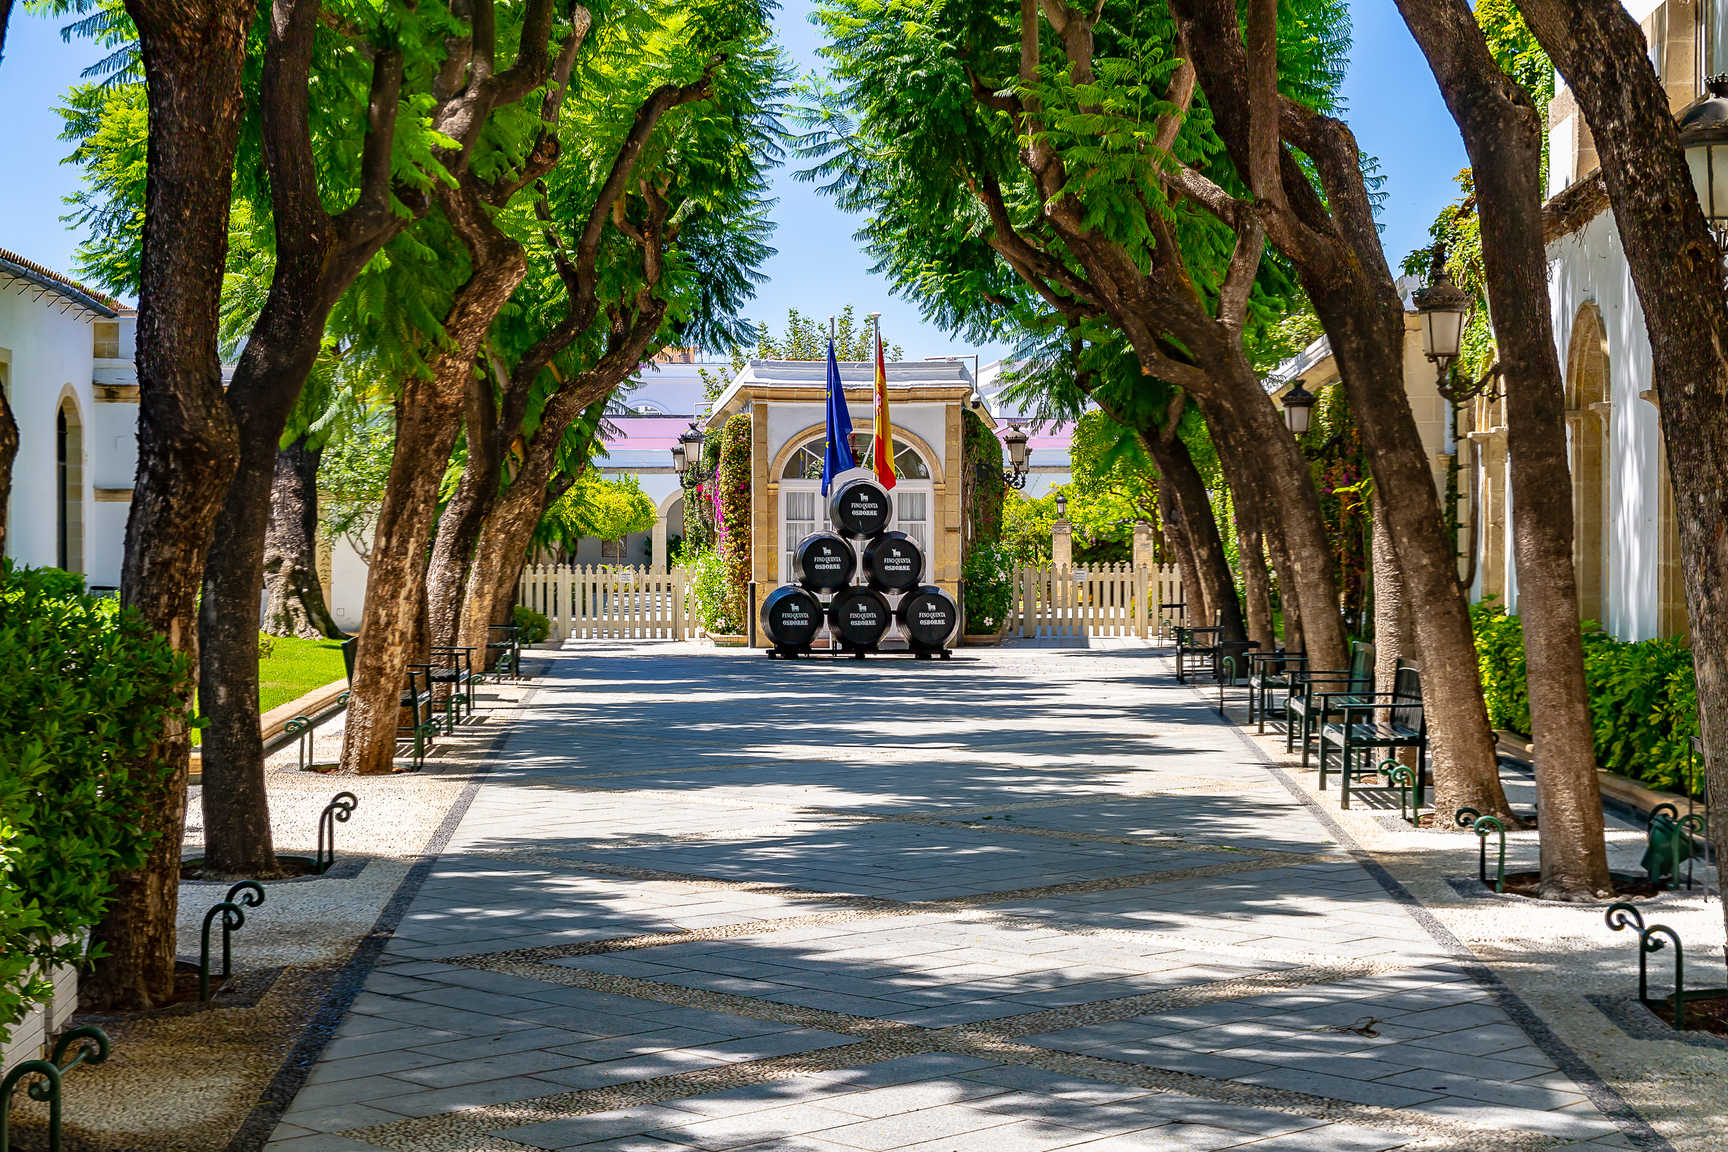 Bodegas Osborne El Puerto de Santa María--Visita guiada con degustación  de ibéricos Cinco Jotas 20% descuento